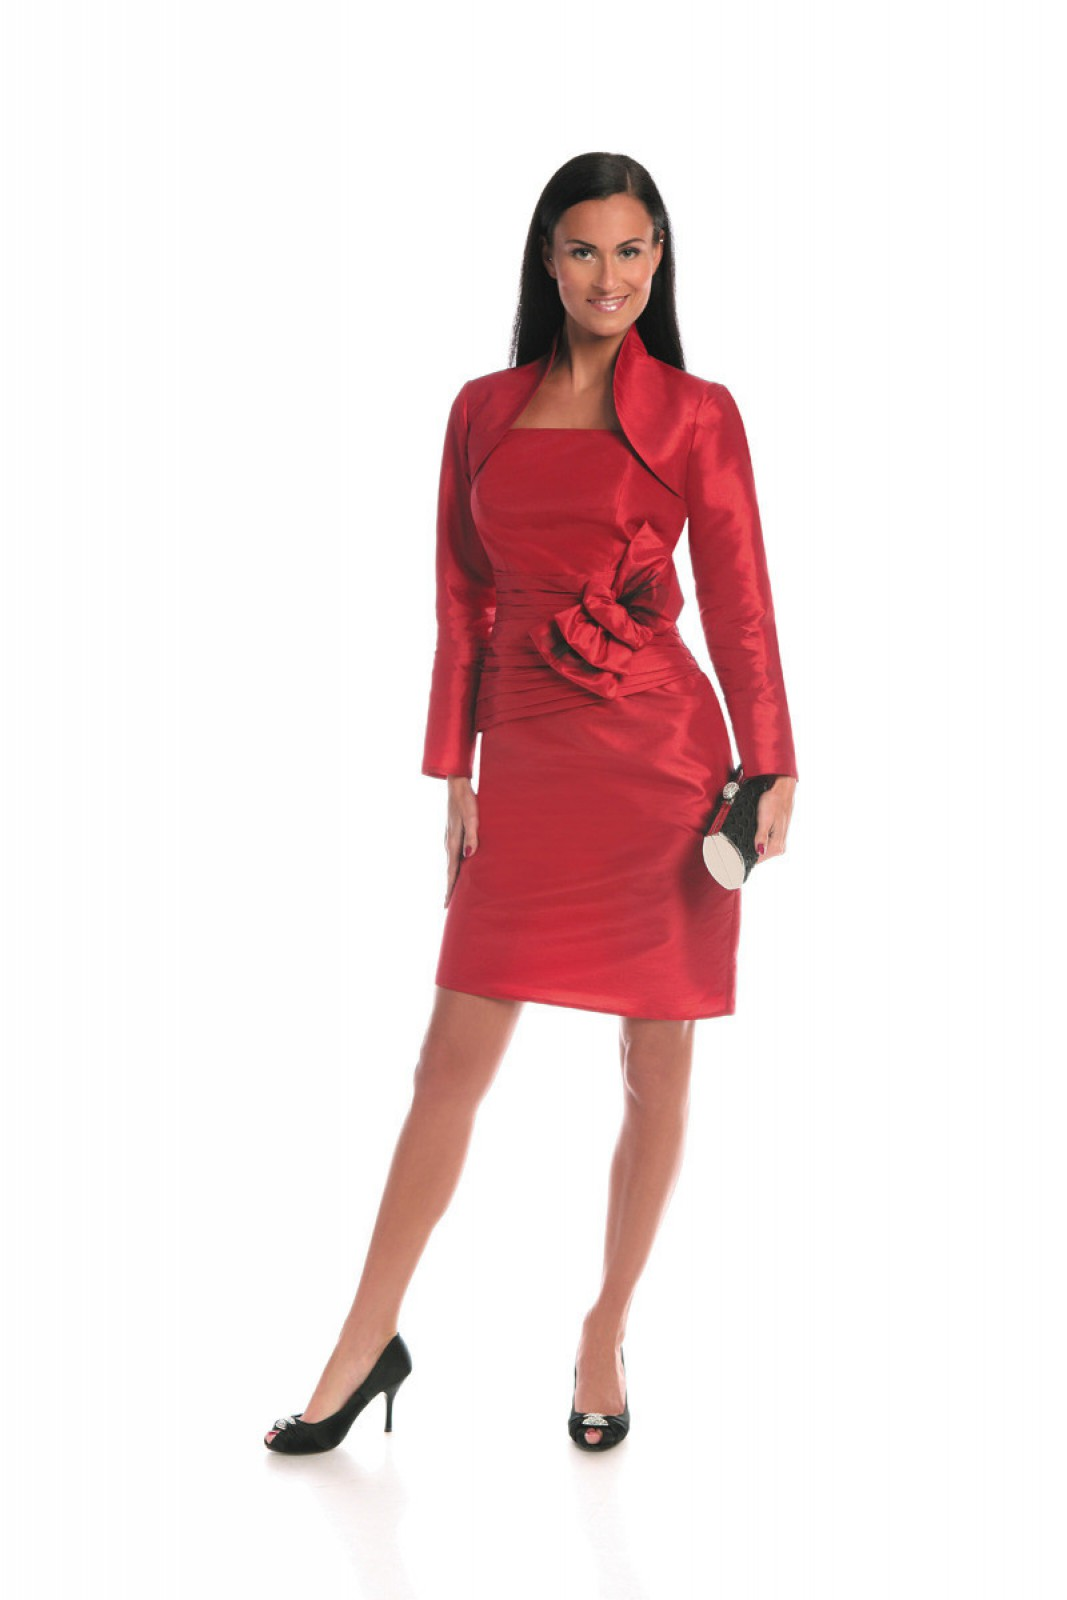 Rotes Cocktailkleid mit großer Schleife und schmalen Trägern - ...